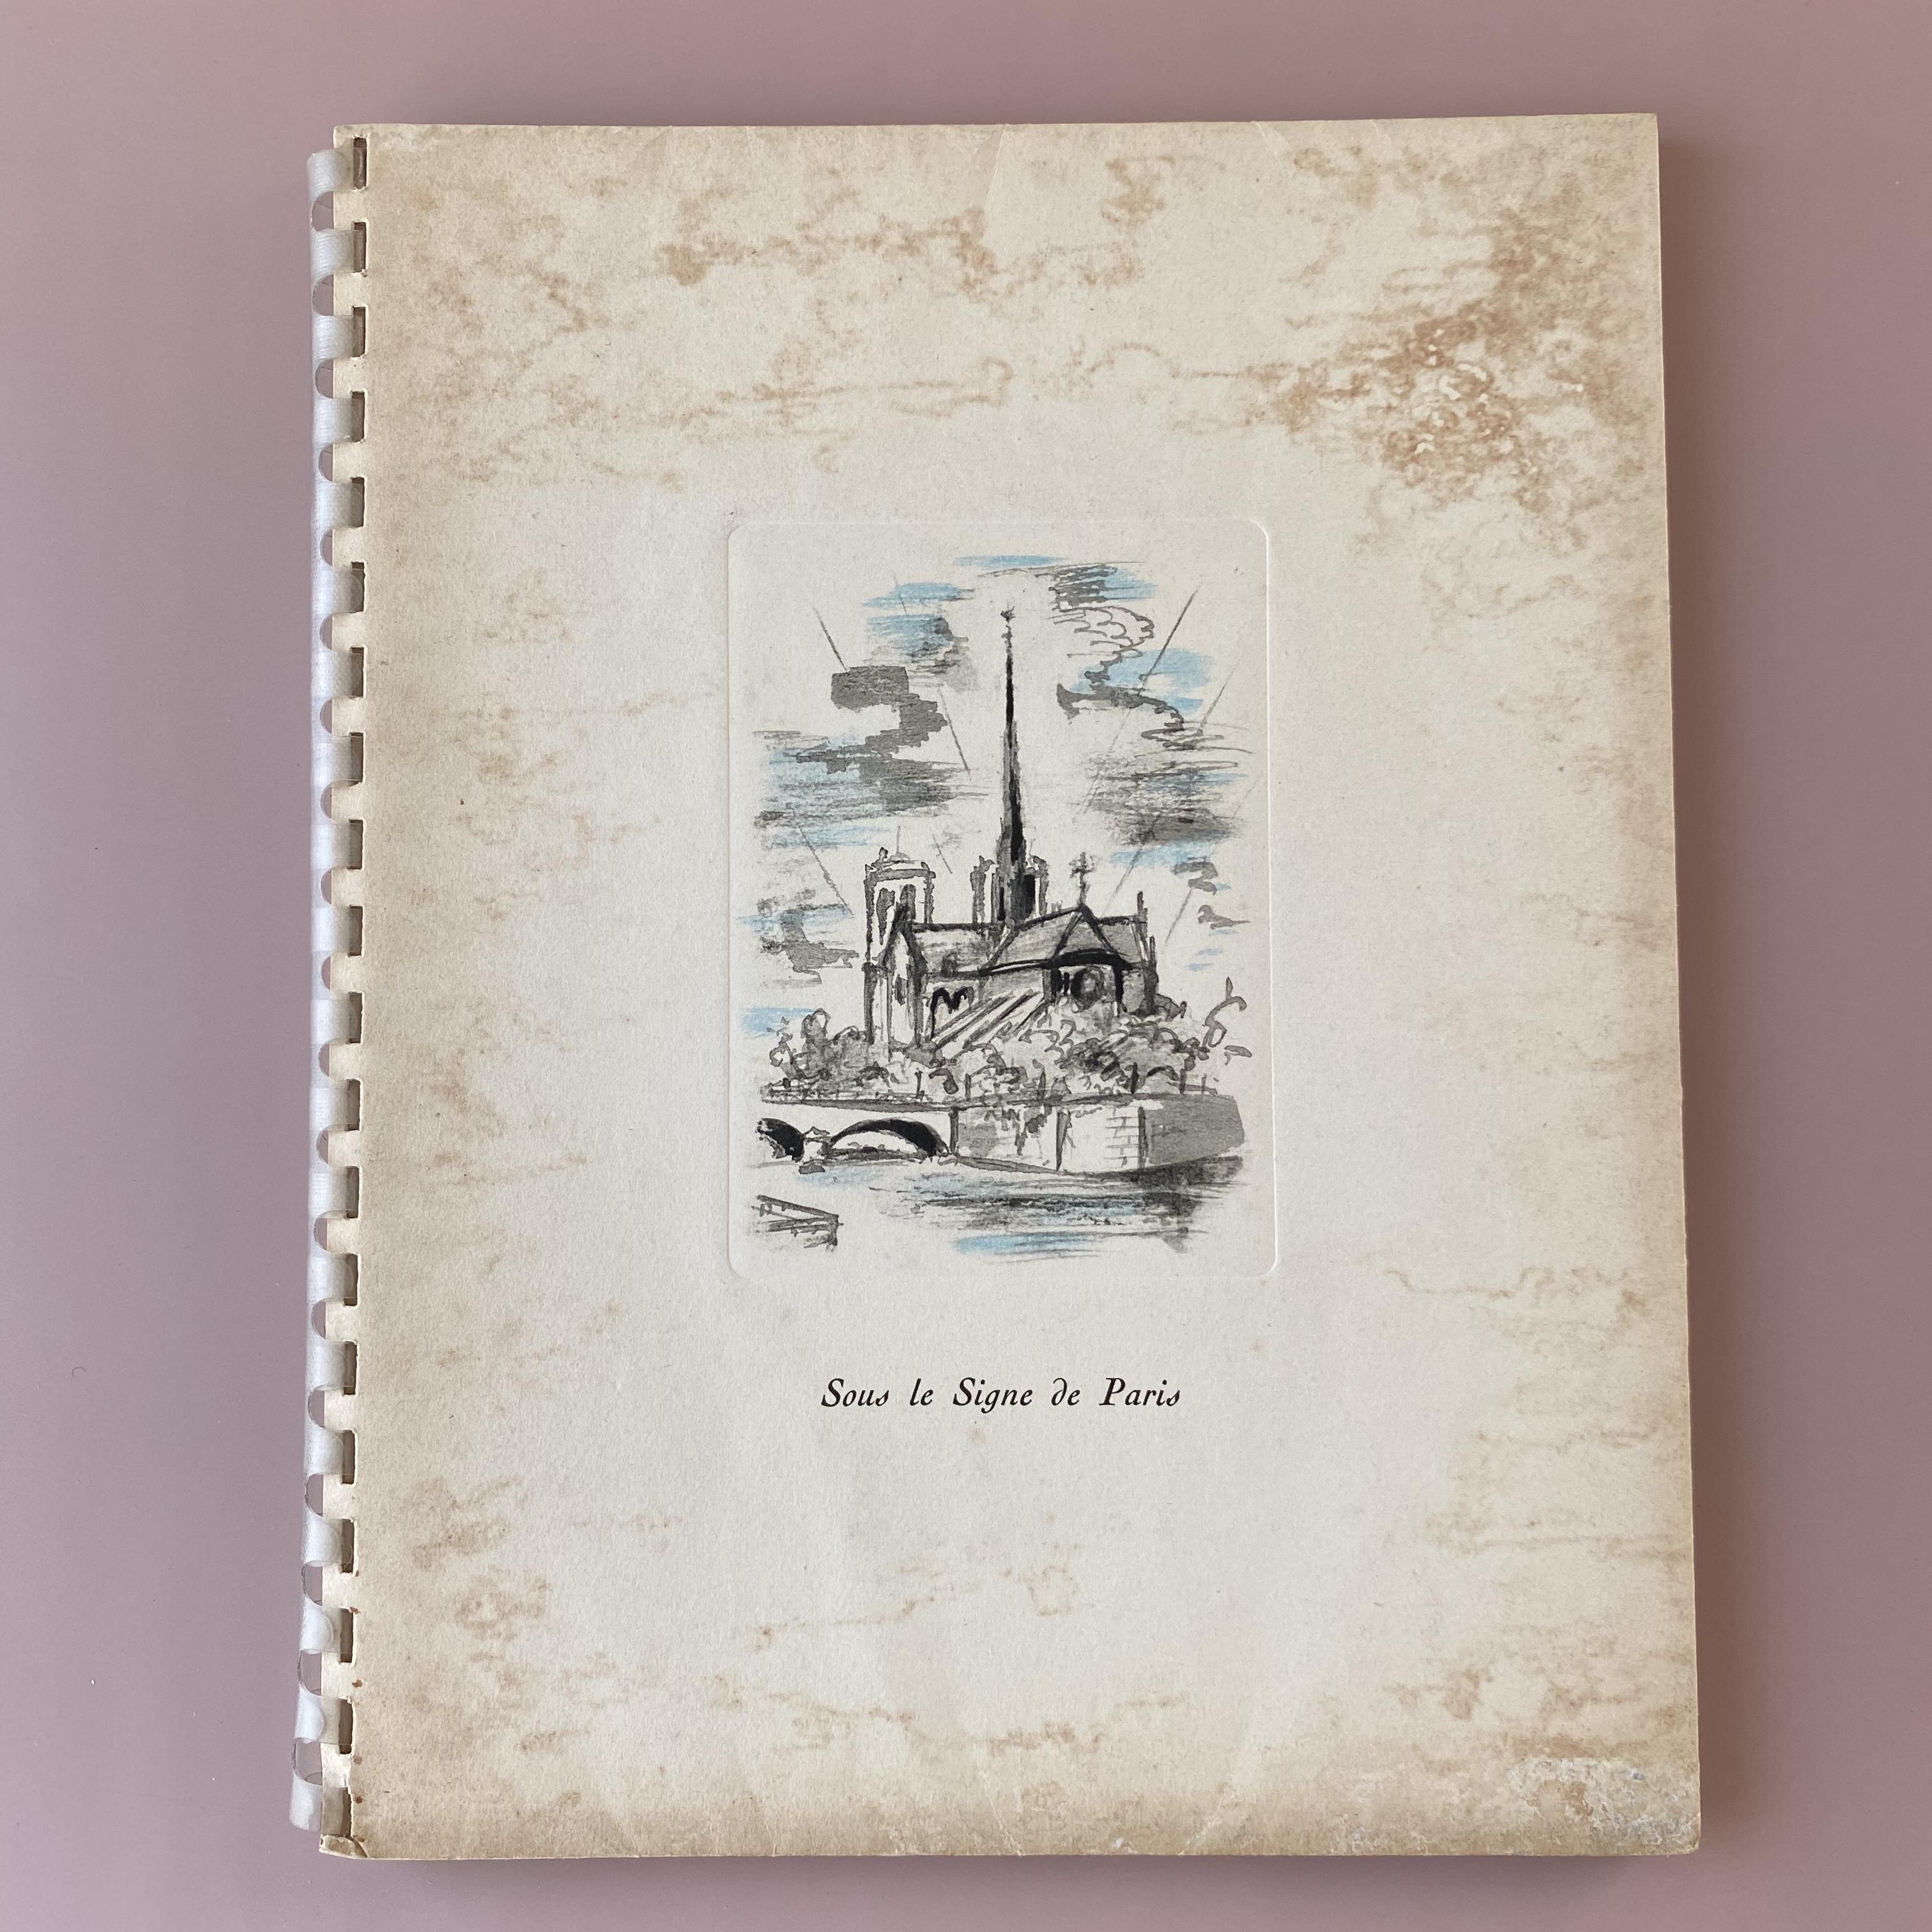 VINS NICOLAS CATALOGUE 1949・André Dignimont  / vp0095